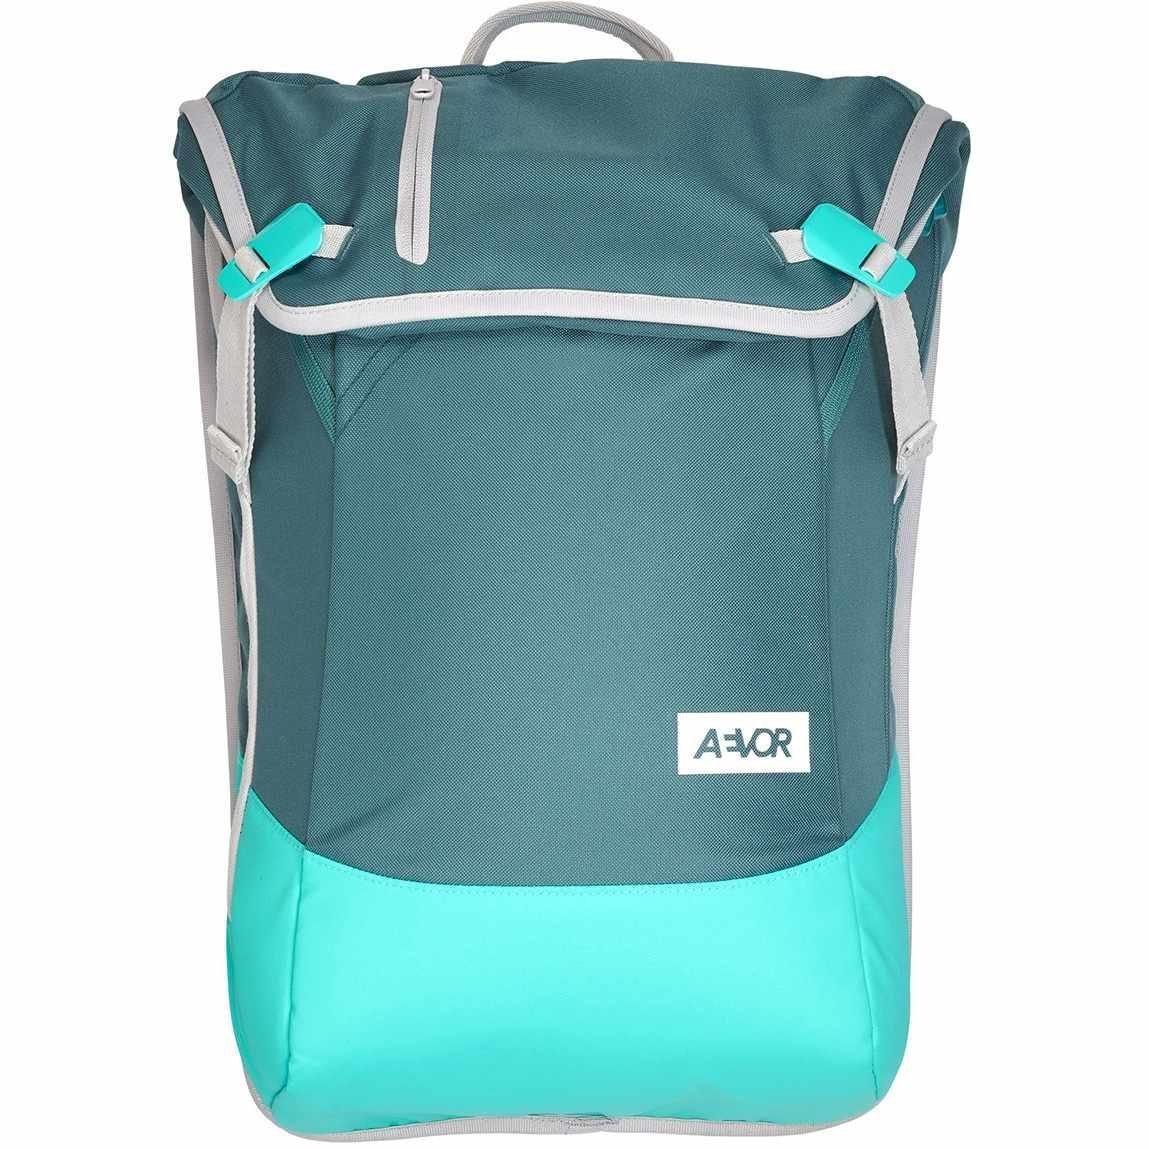 AEVOR-Daypack-Rucksack_07